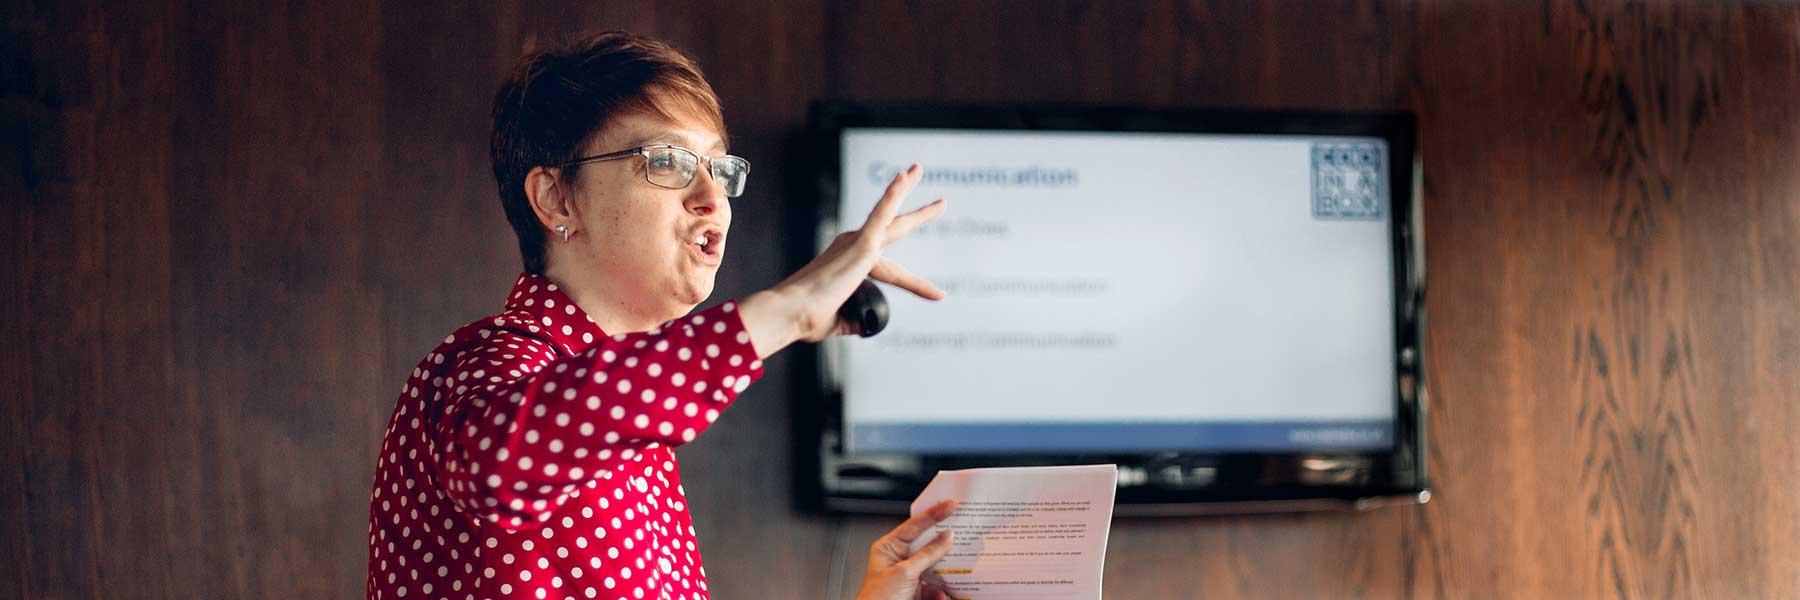 Business educator Lisa Zevi